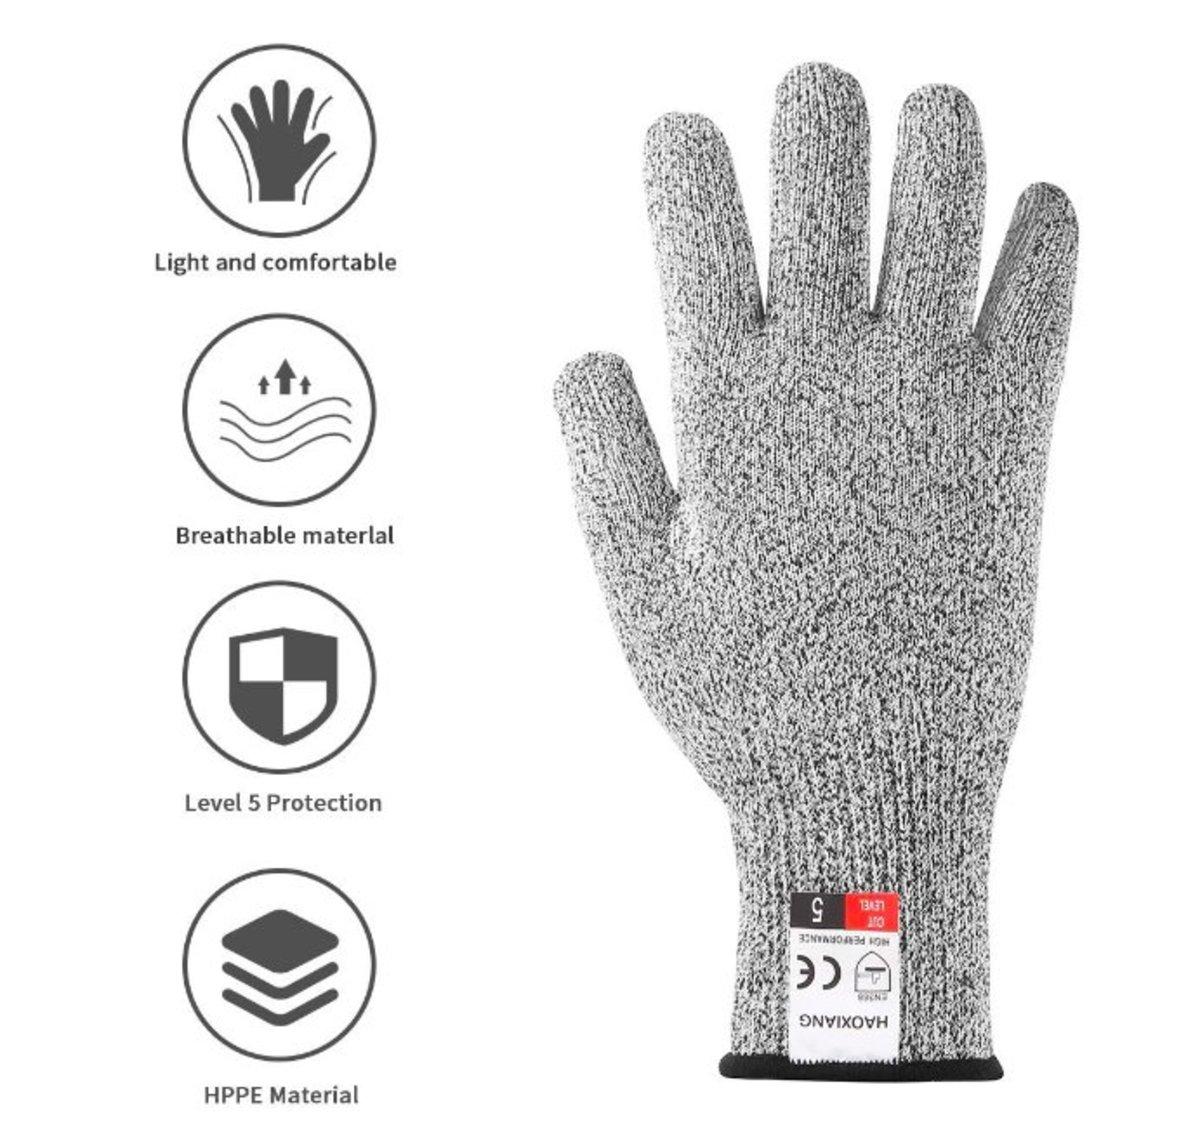 HPPE materials 強化耐磨防切割手套 x 2